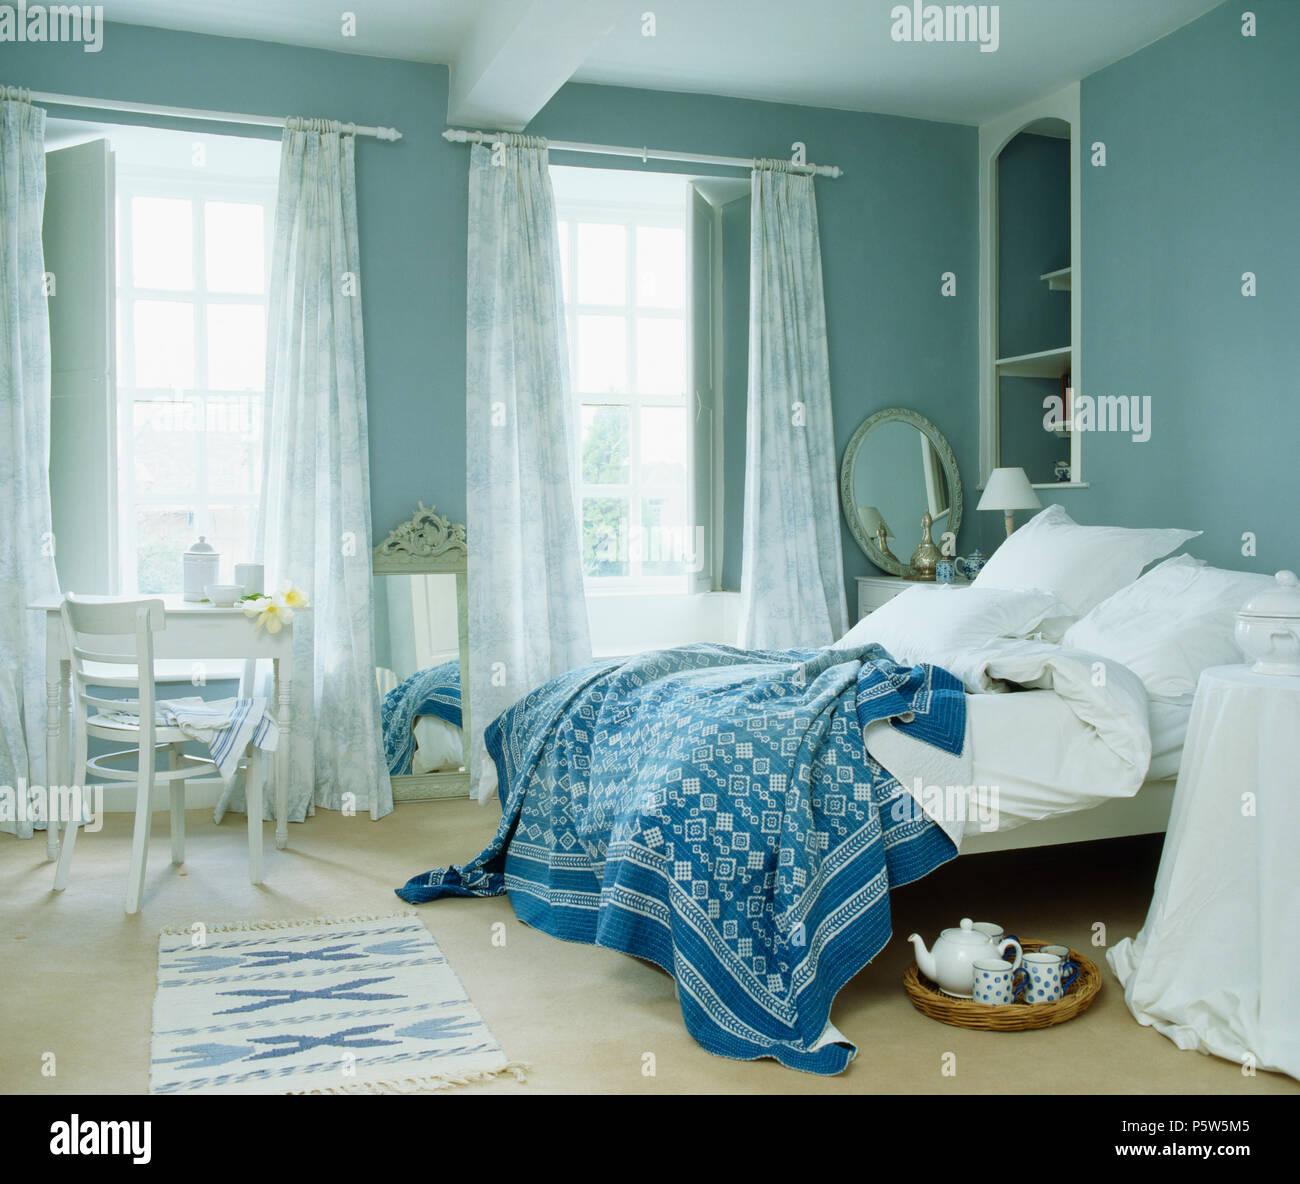 Blau + Weiß werfen und weißen Kopfkissen auf dem Bett im blauen ...